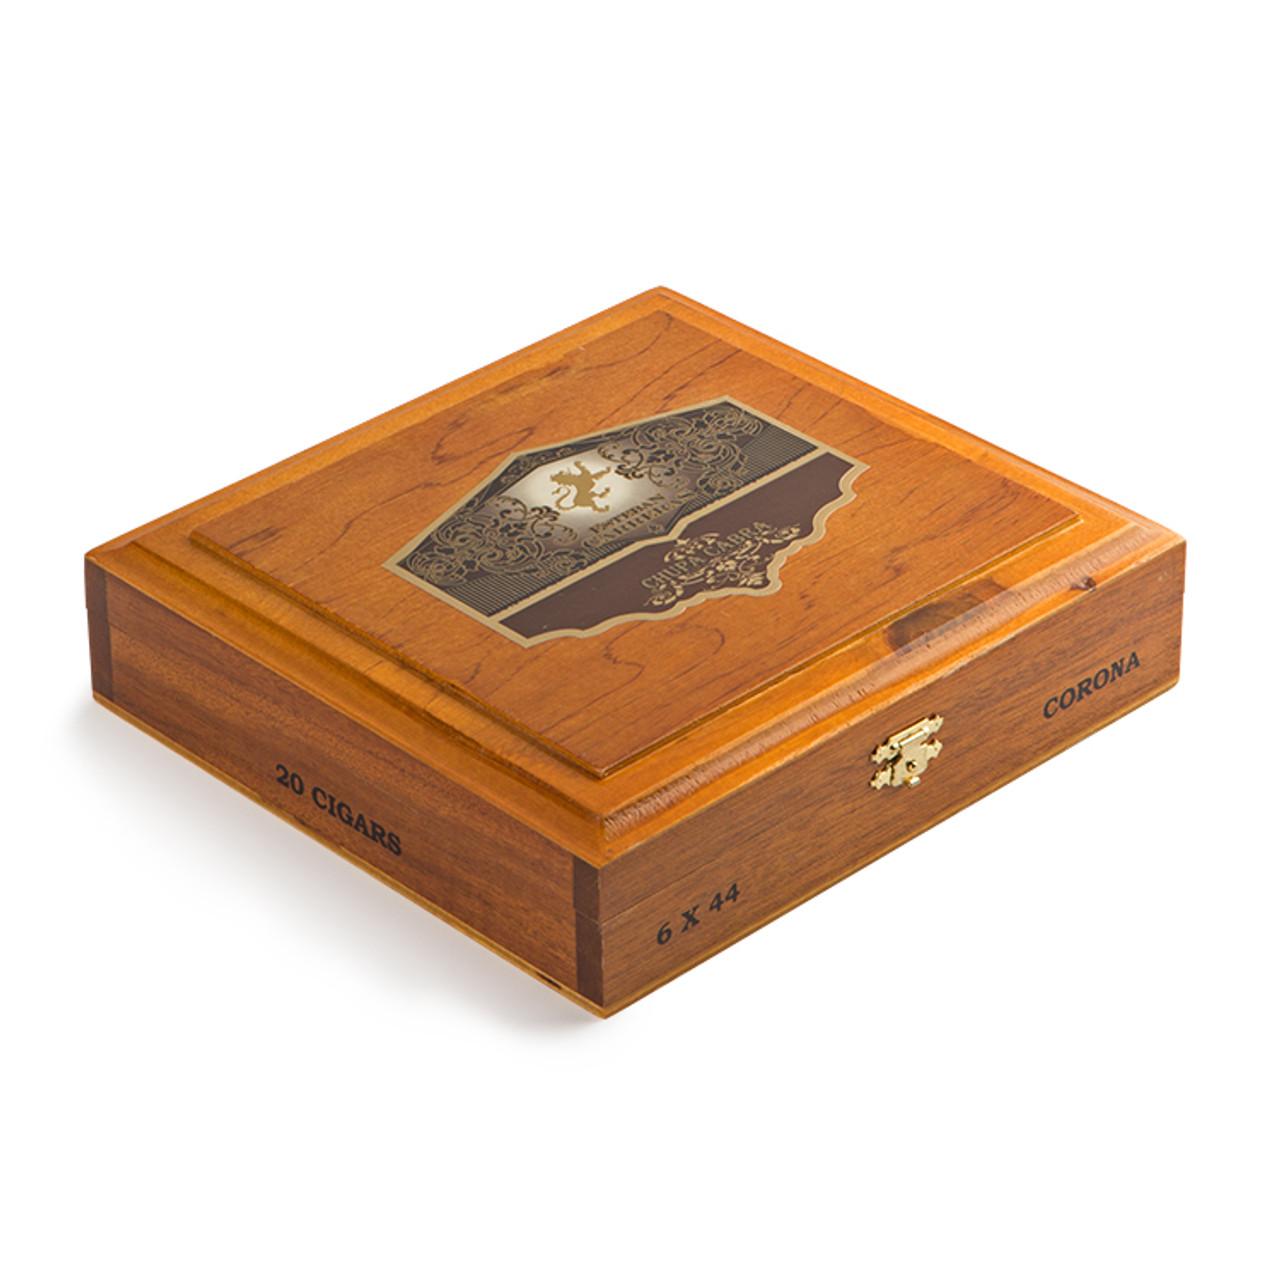 Esteban Carreras Chupacabra Gorditos Maduro Cigars - 5.2 x 56 (Box of 10)